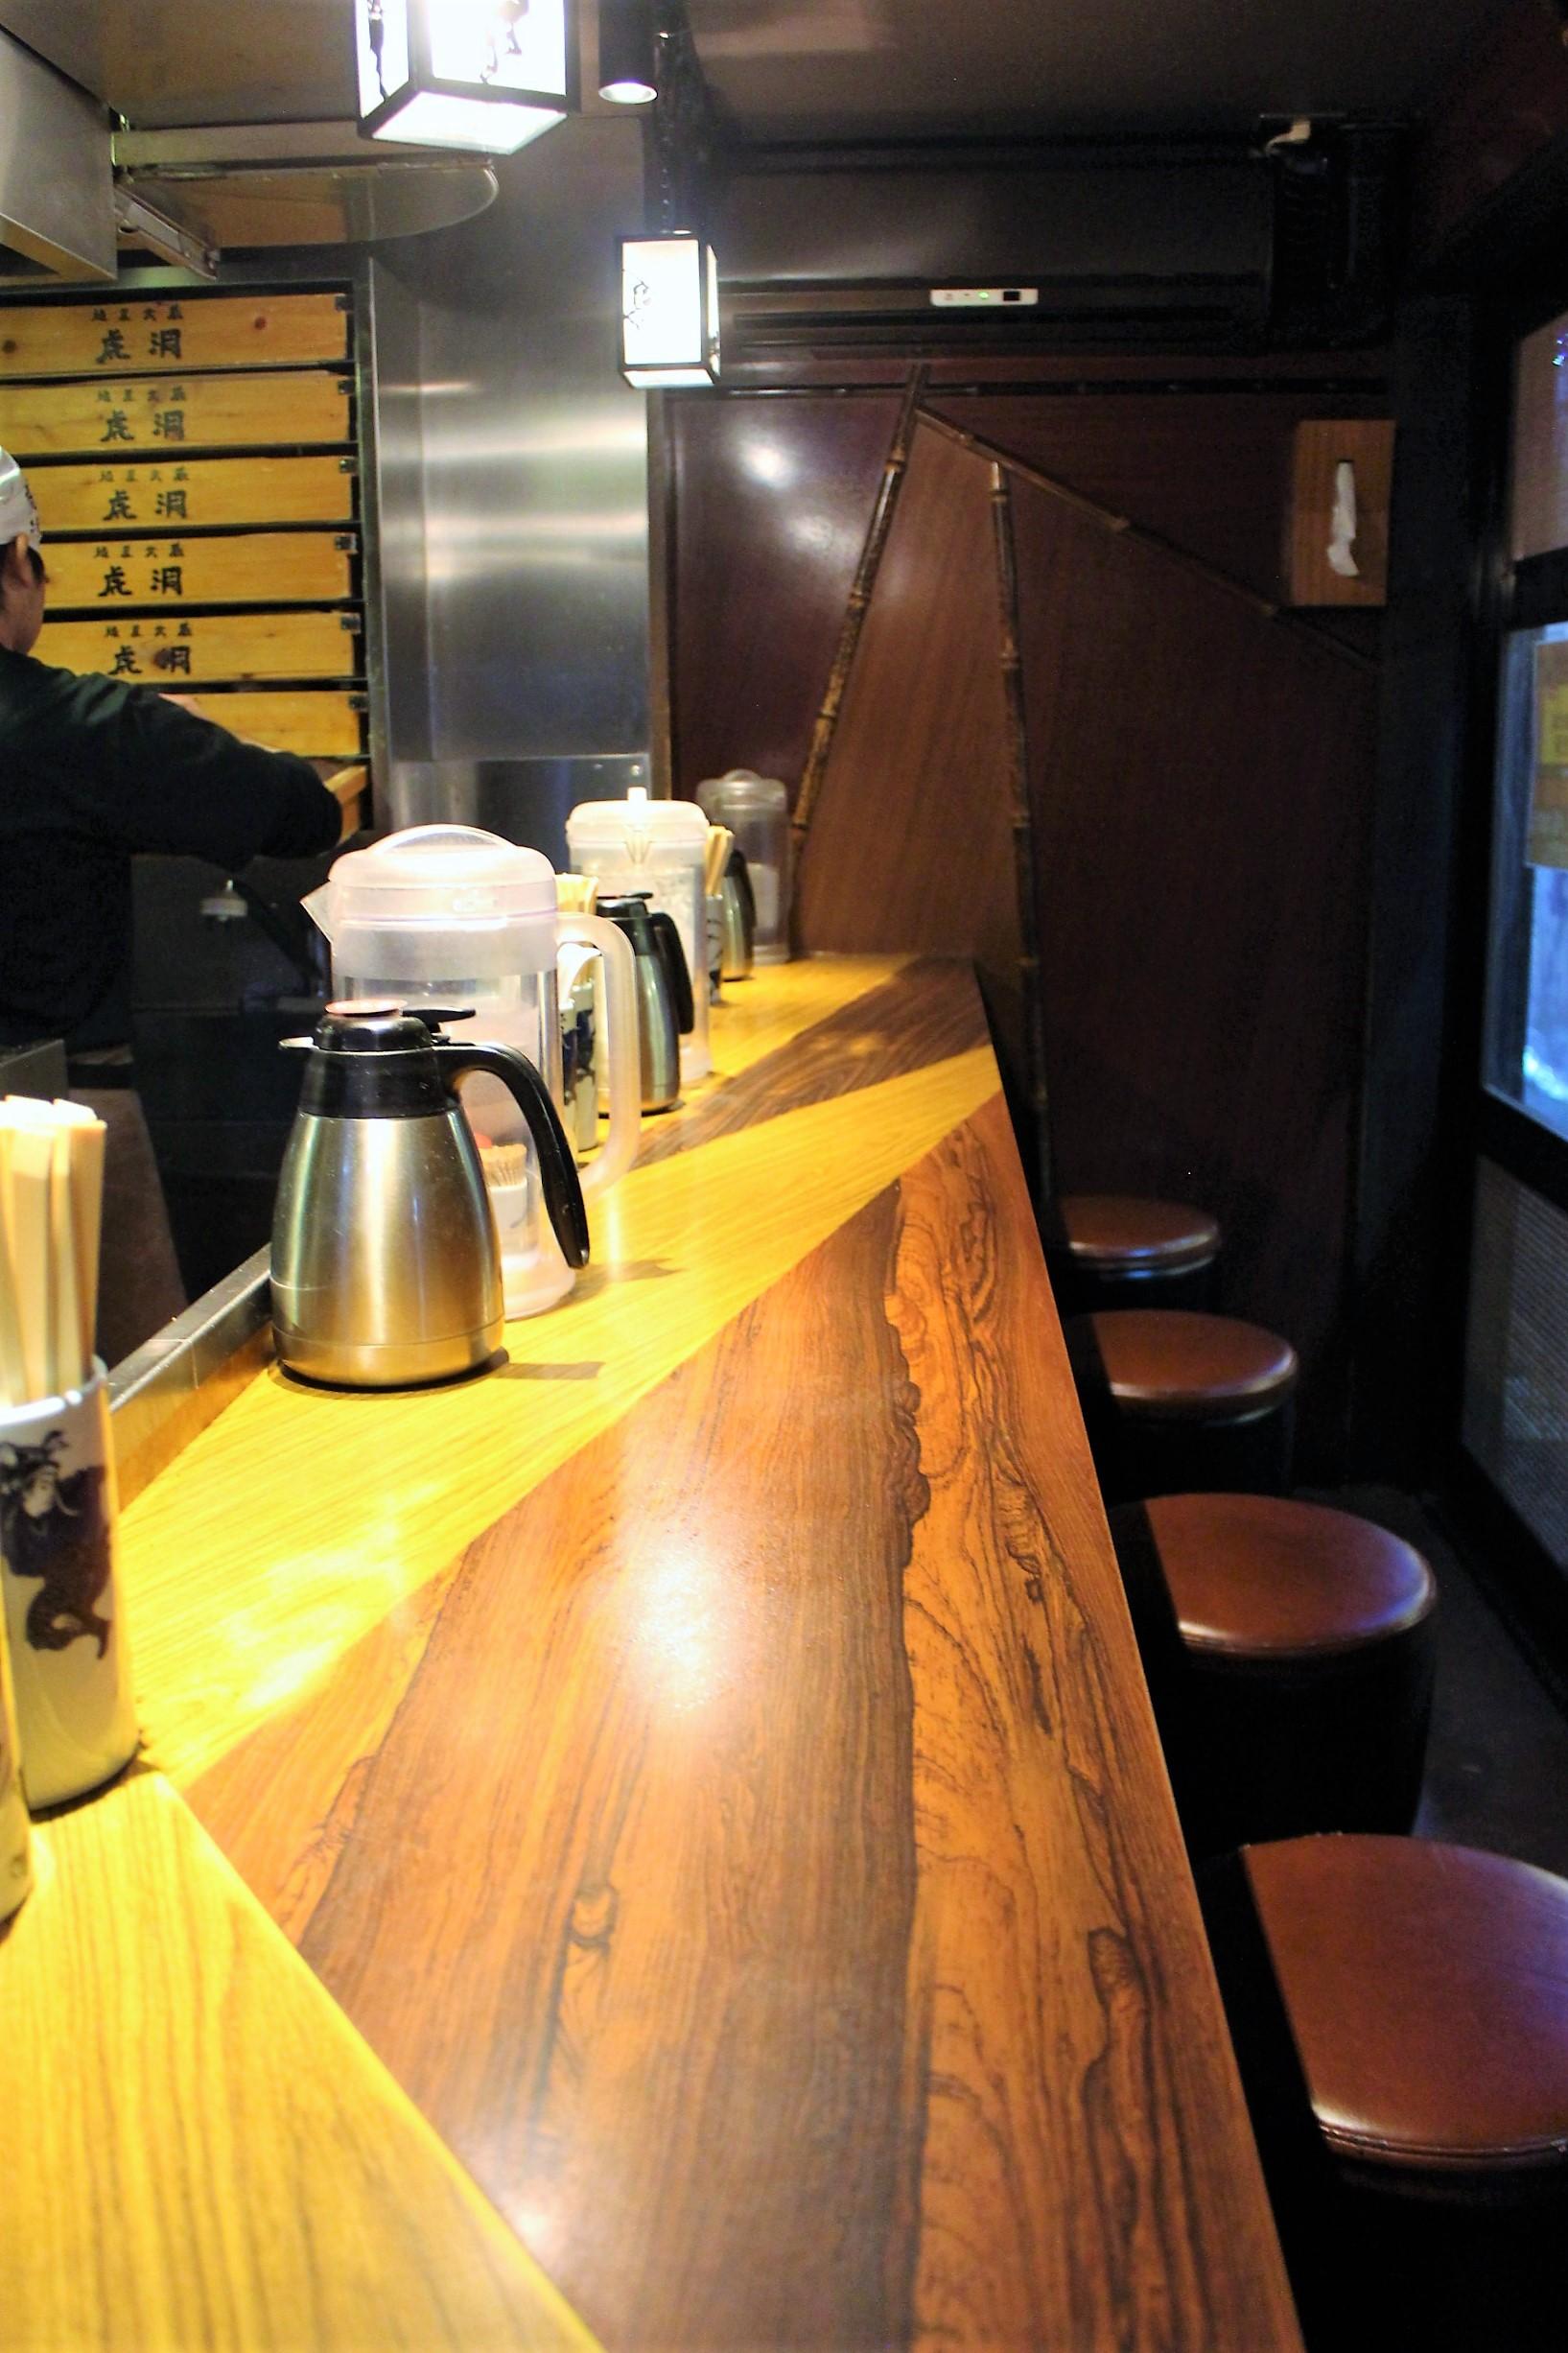 Counter seating at Menya Musashi Kodou